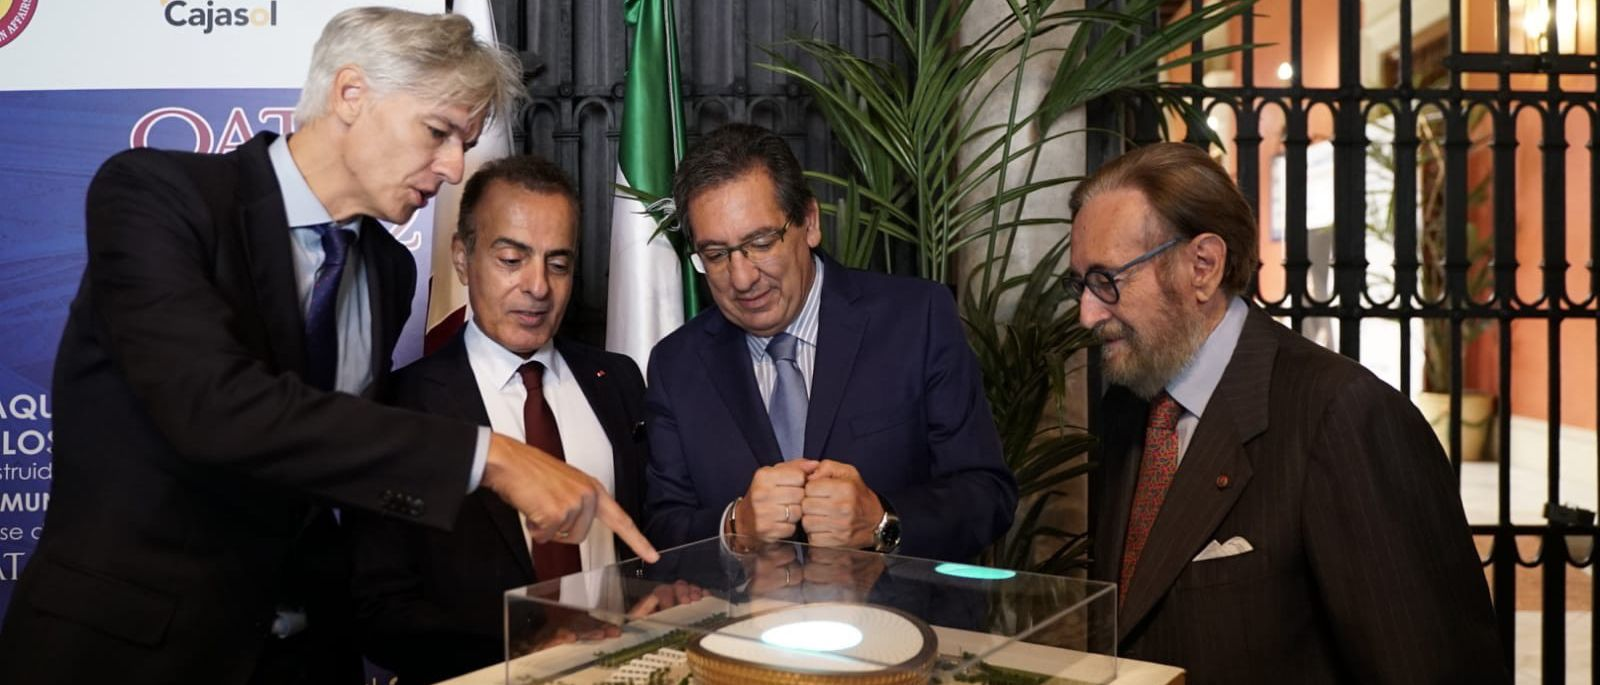 Mundial de Qatar en Fundación Cajasol